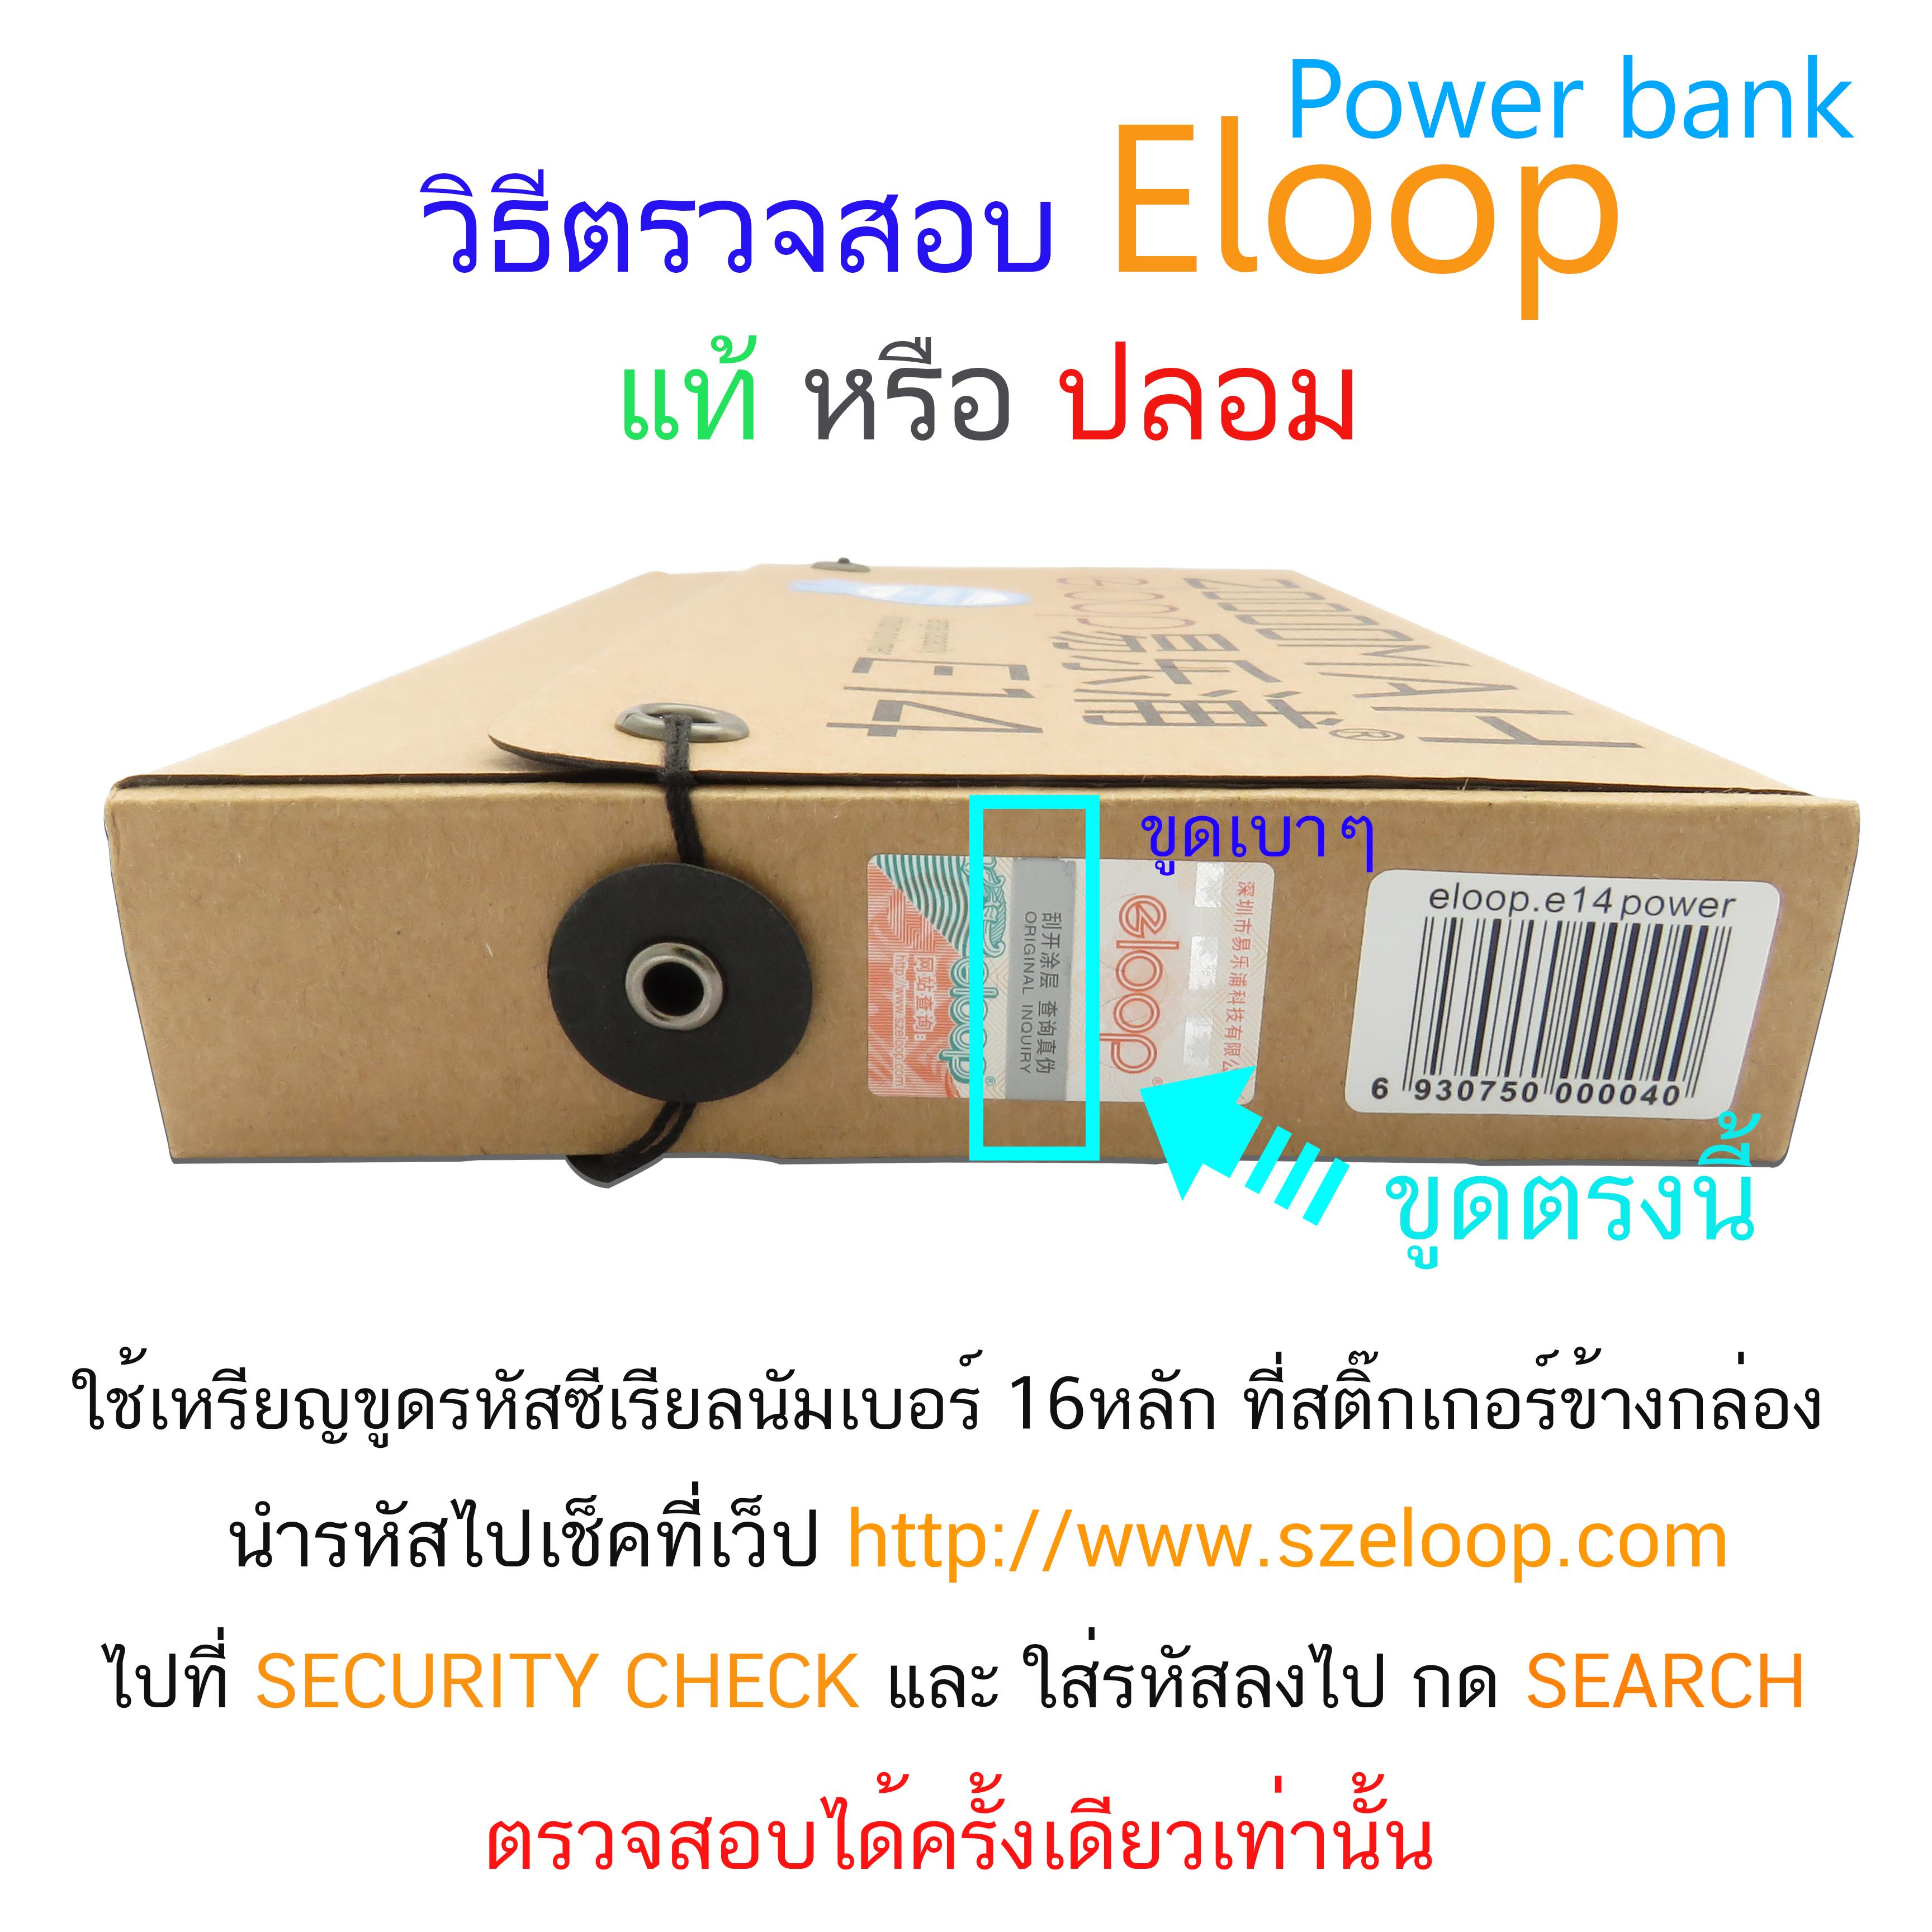 วิธีตรวจสอบ Power bank Eloop แท้ หรือ ปลอม